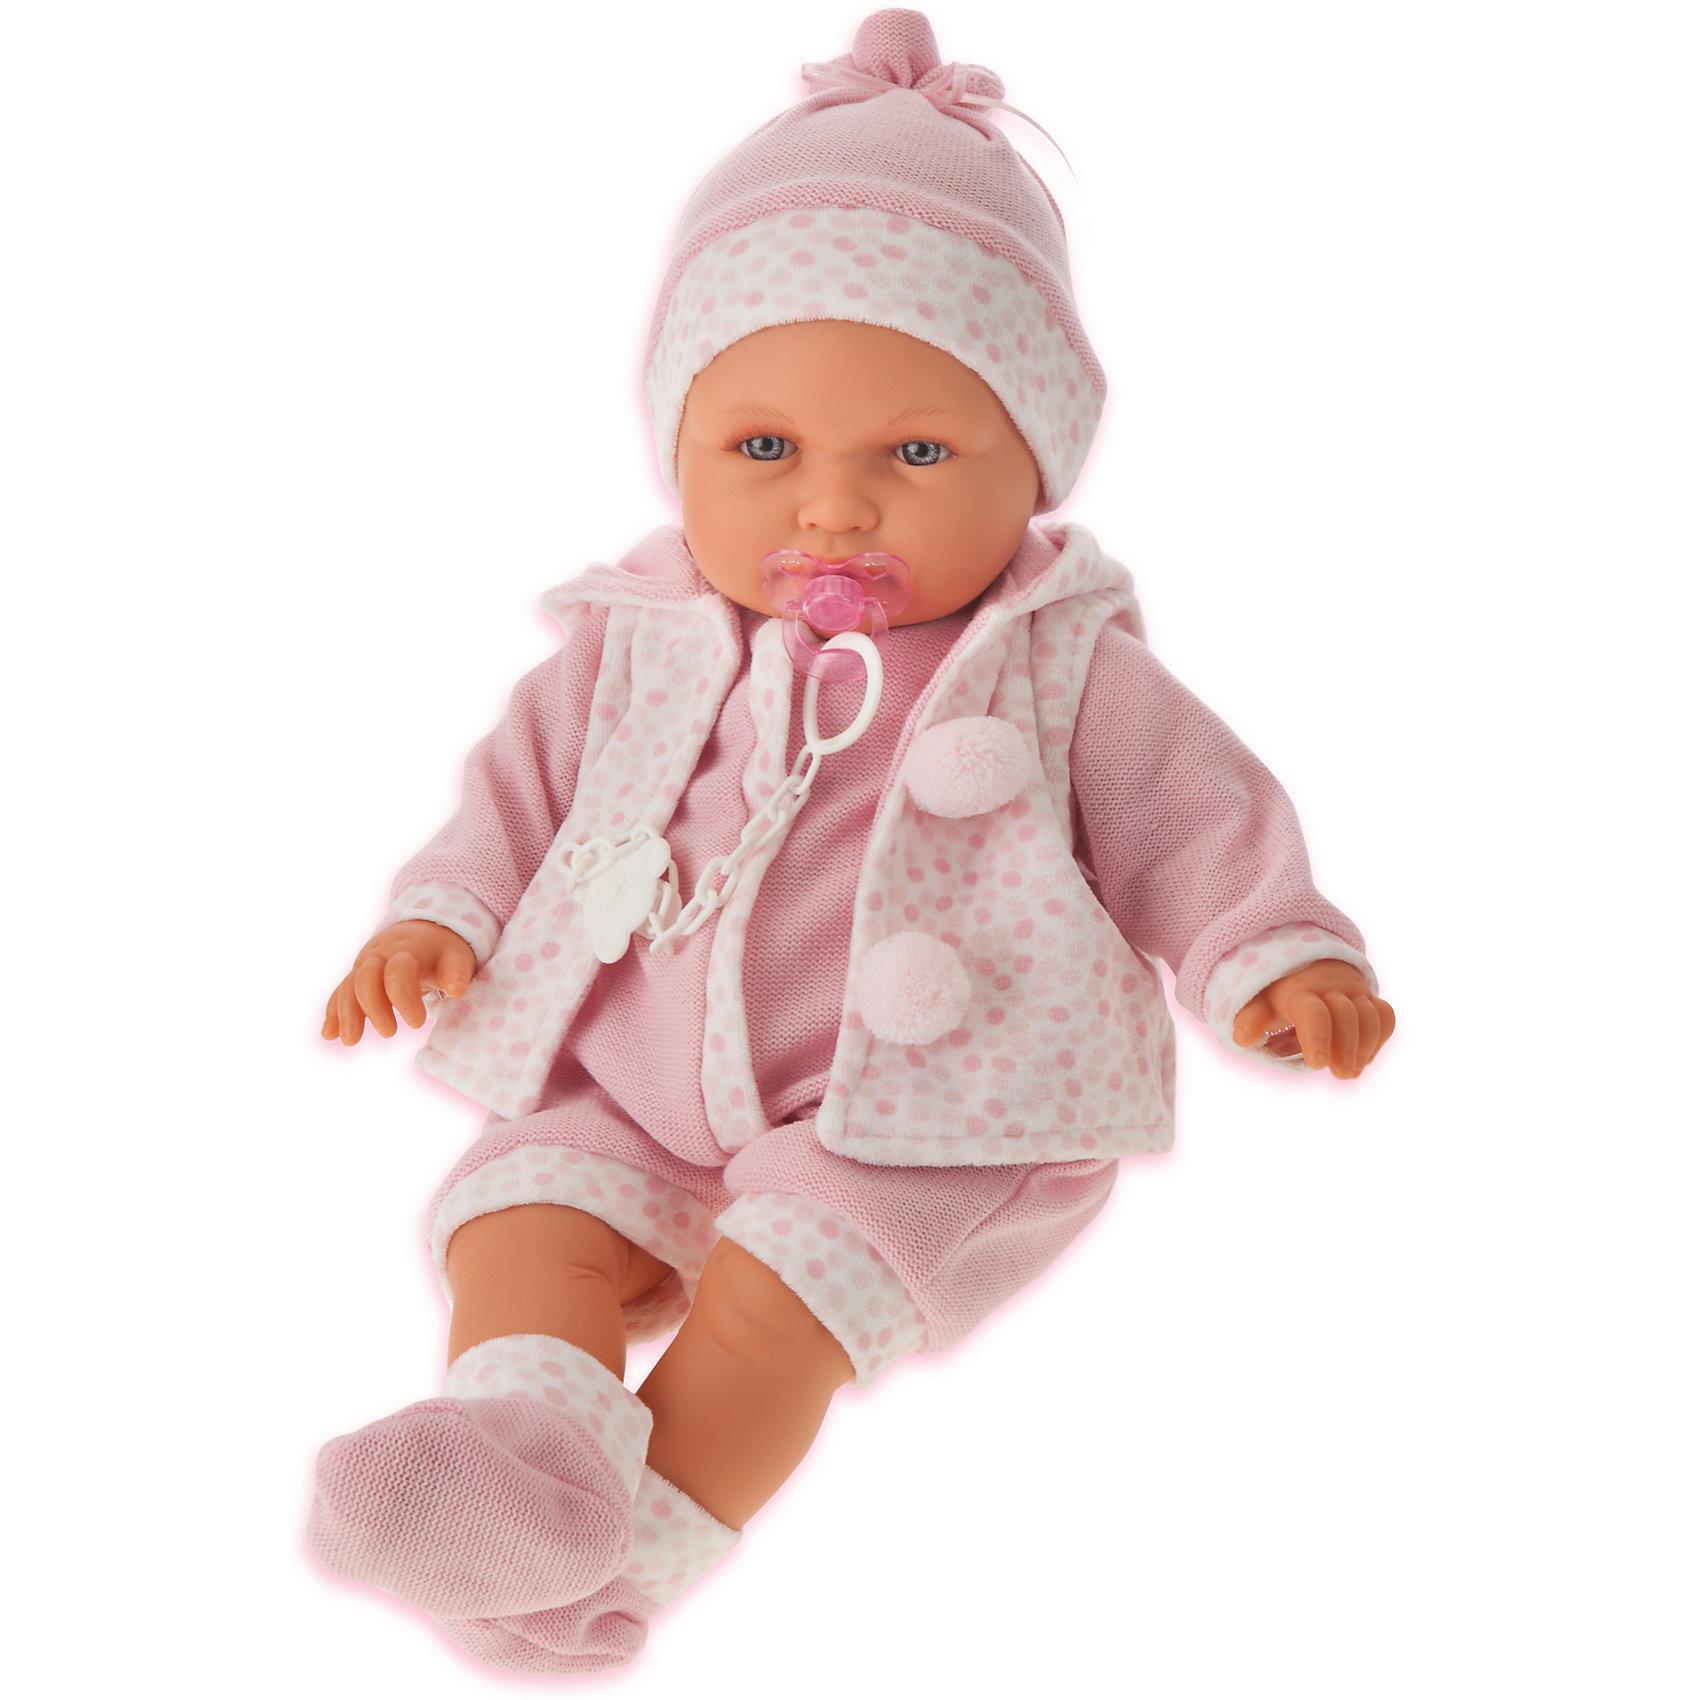 Кукла Бенита в розовом, 55 см, Munecas Antonio JuanБренды кукол<br>Характеристики товара:<br><br>• возраст: от 3 лет;<br>• материал: винил, текстиль;<br>• в комплекте: кукла, одежда;<br>• высота куклы: 55 см;<br>• размер упаковки: 59х29х14,5 см;<br>• вес упаковки: 1,825 кг;<br>• страна производитель: Испания.<br><br>Кукла Бенита в розовом Munecas Antonio Juan выглядит как самый настоящий малыш. Она одета в розовый комбинезон, кофточку и шапочку. Кукла выполнена из качественного винила, у нее подвижные руки и ноги. Игра с куклой приучит девочку к ответственности, воспитает чувство заботы и любви.<br><br>Куклу Бениту в розовом Munecas Antonio Juan можно приобрести в нашем интернет-магазине.<br><br>Ширина мм: 590<br>Глубина мм: 290<br>Высота мм: 145<br>Вес г: 1825<br>Возраст от месяцев: 36<br>Возраст до месяцев: 2147483647<br>Пол: Женский<br>Возраст: Детский<br>SKU: 6886581